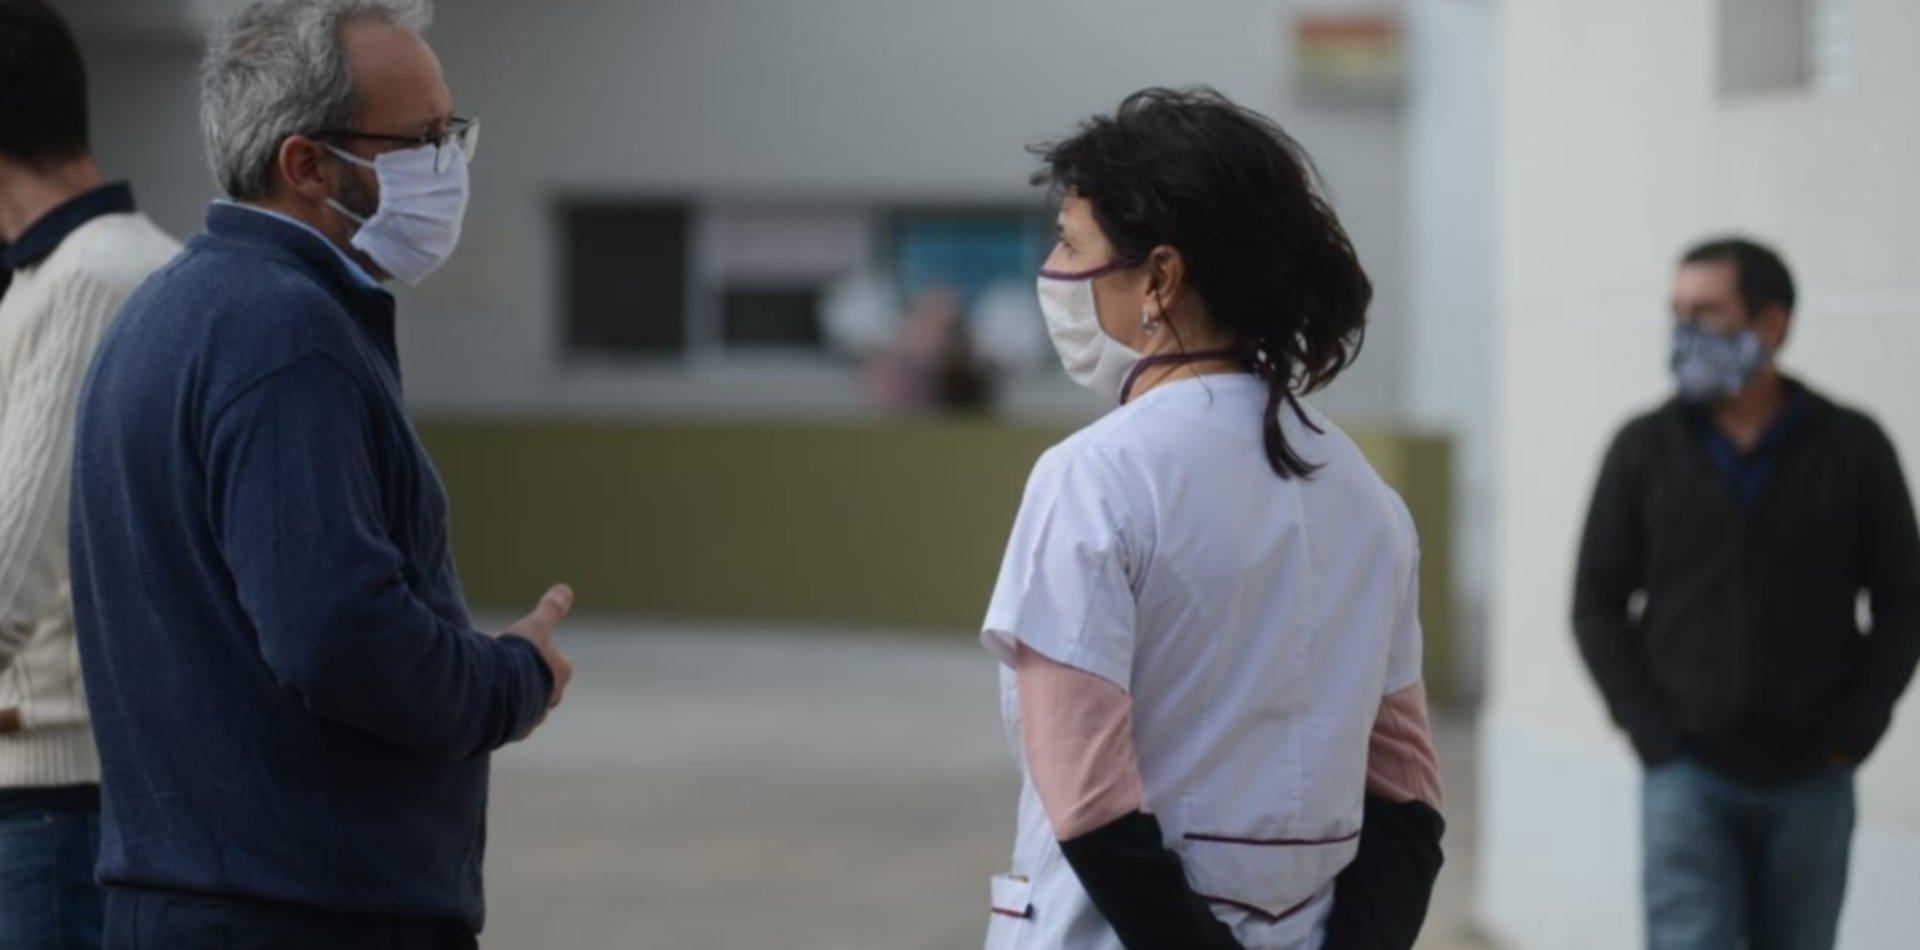 Confirman 20 contagios en las últimas 24 horas y ya son 759 casos de COVID-19 en La Plata